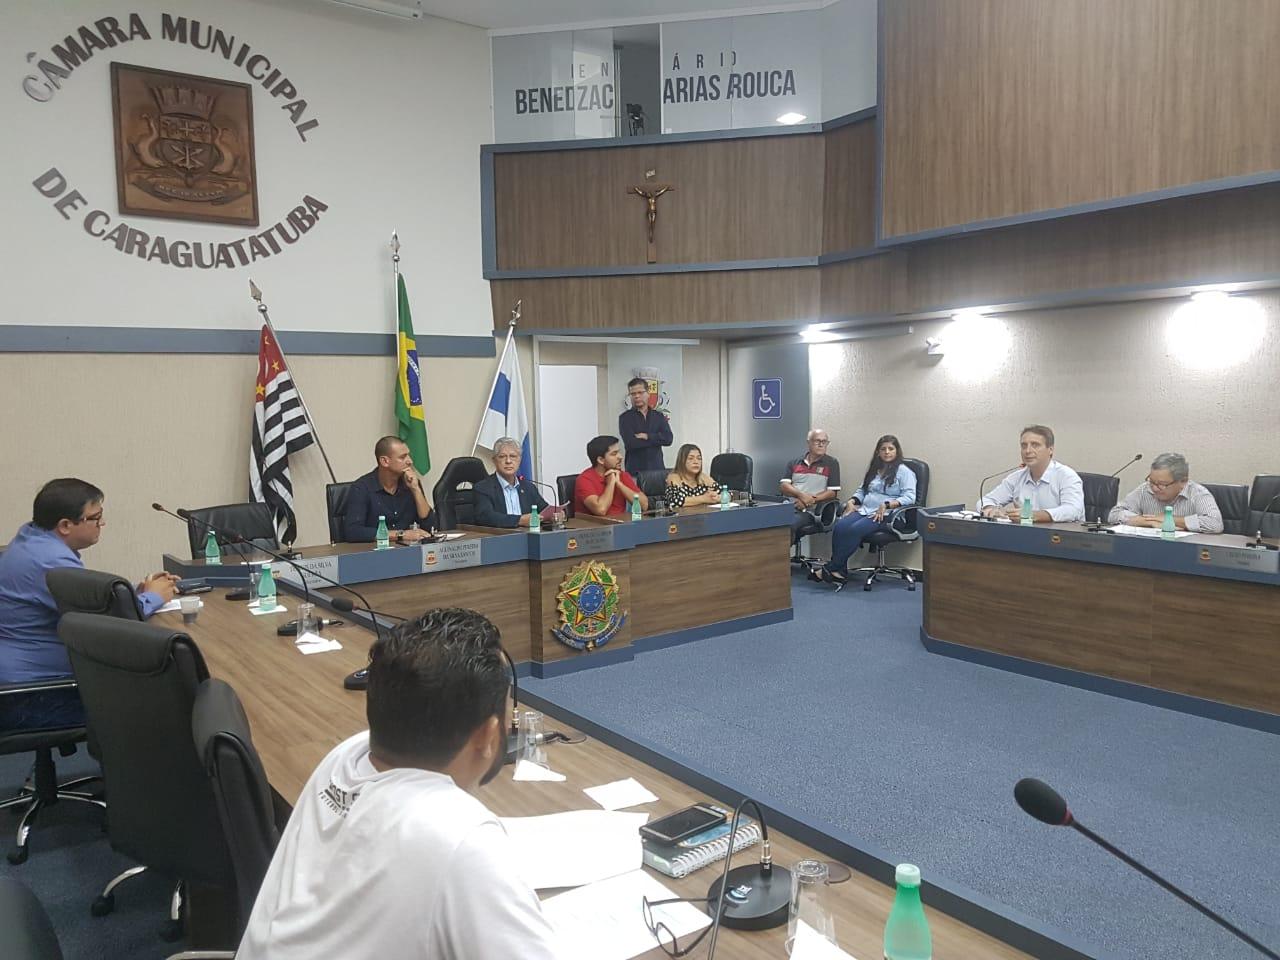 Segunda audiência pública referente ao projeto de incentivo à construção civil é nesta sexta-feira